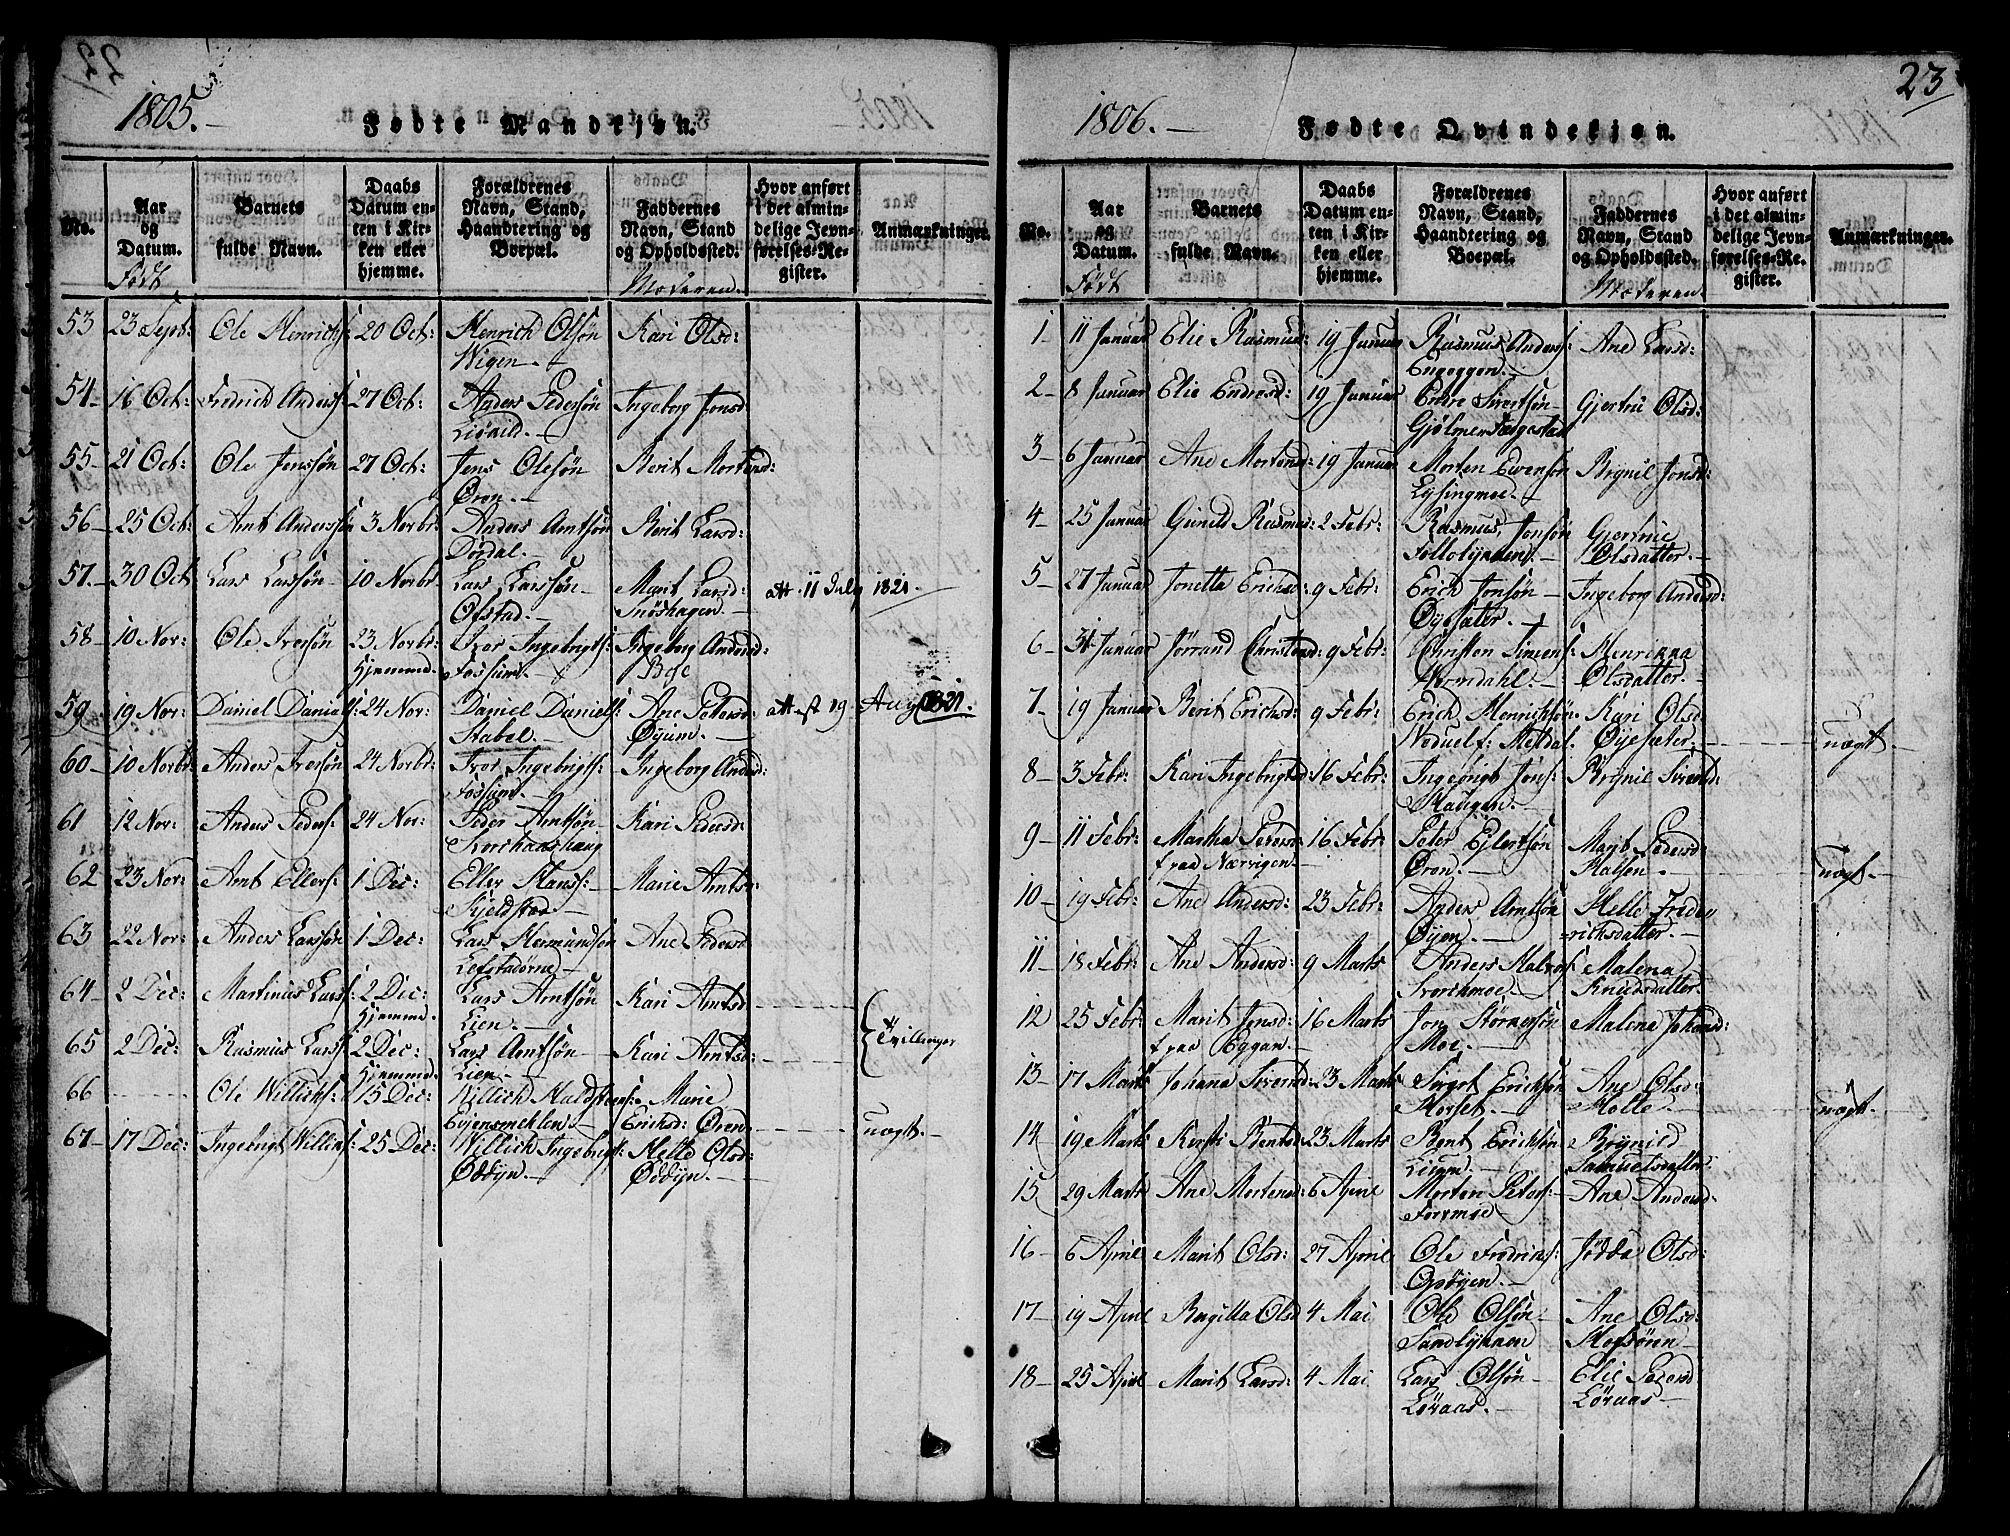 SAT, Ministerialprotokoller, klokkerbøker og fødselsregistre - Sør-Trøndelag, 668/L0803: Ministerialbok nr. 668A03, 1800-1826, s. 23